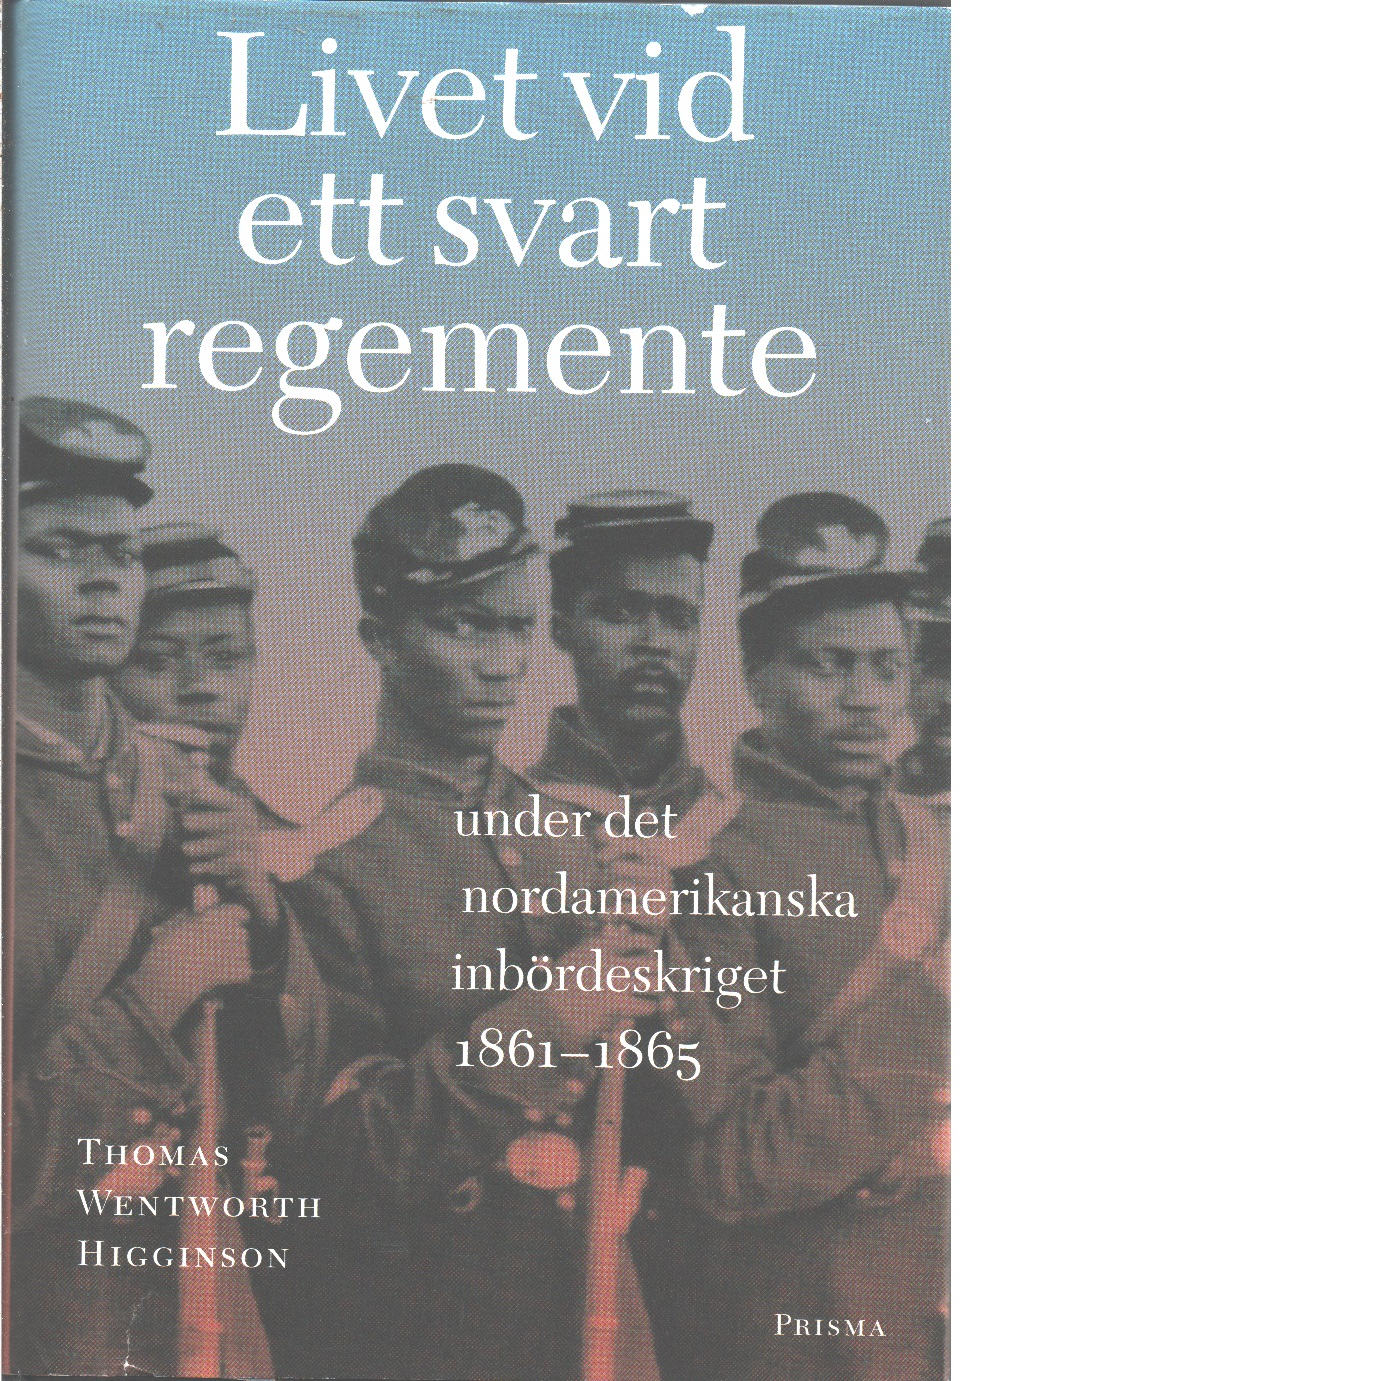 Livet vid ett svart regemente under det nordamerikanska inbördeskriget 1861-65 - Higginson, Thomas Wentworth